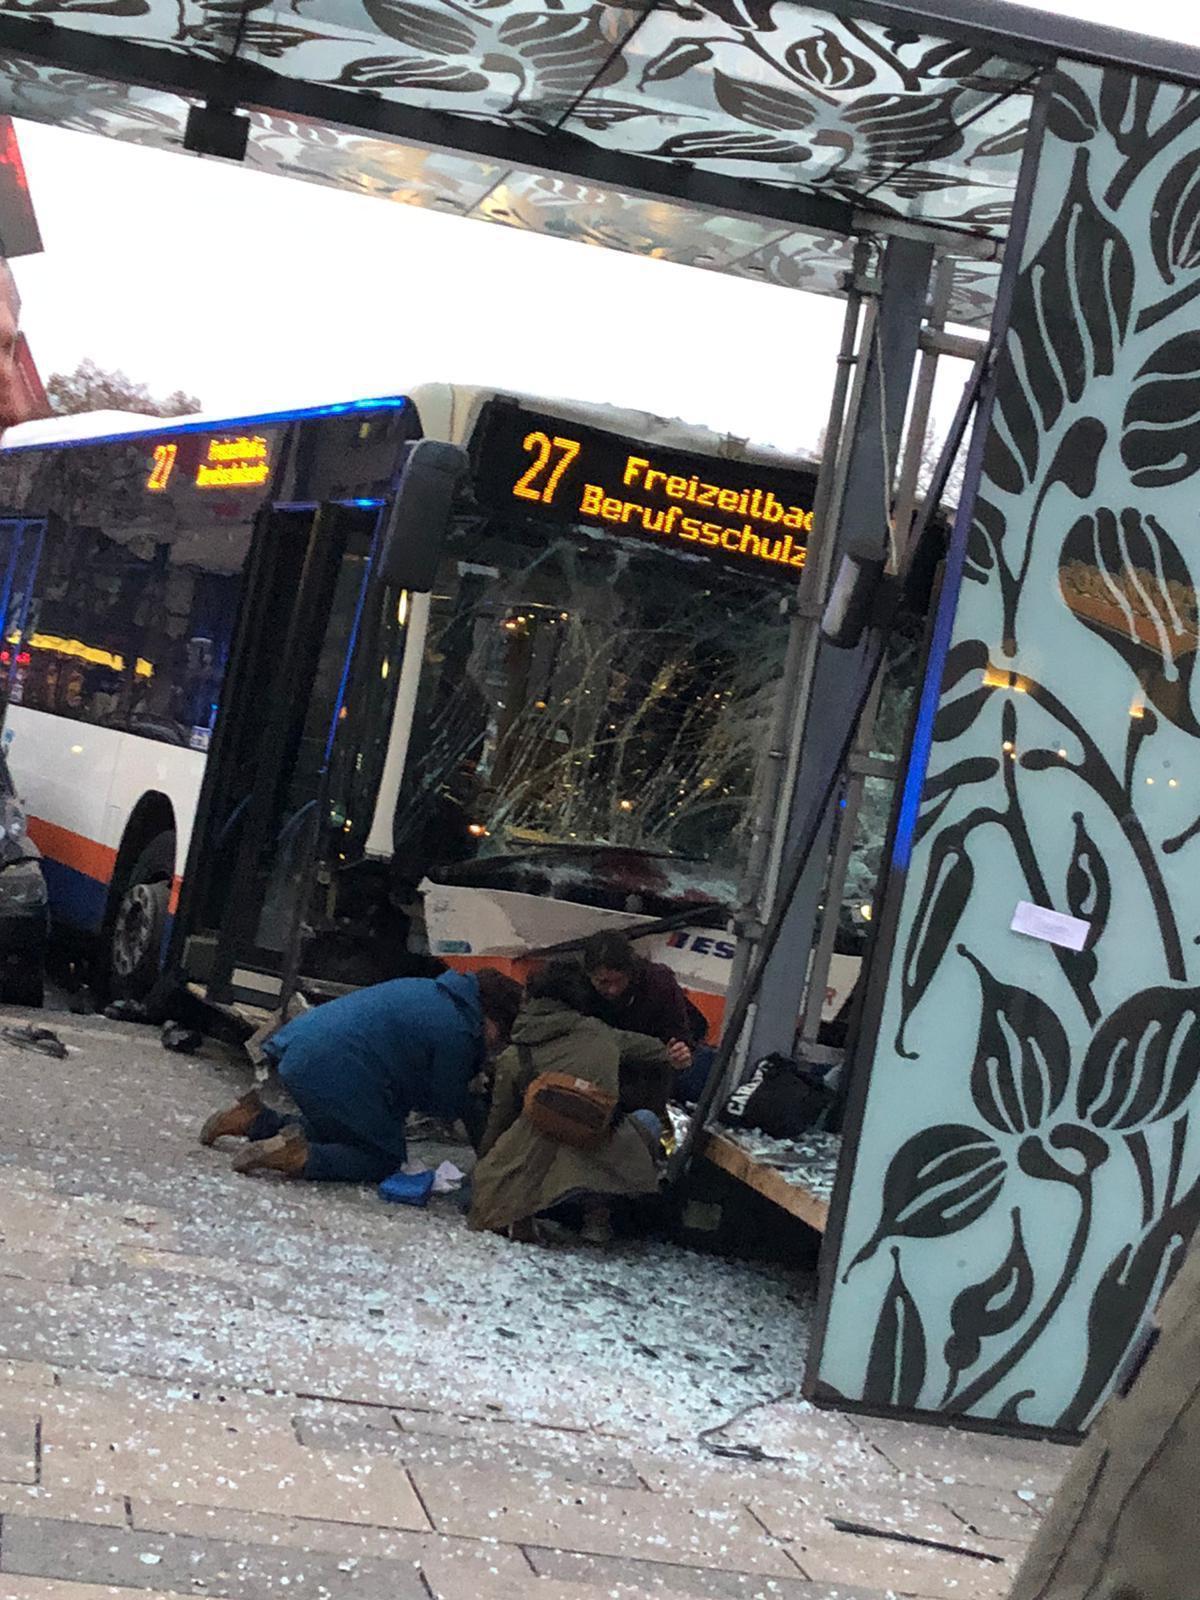 Teška nesreća u Wiesbadenu/Foto:Fenix